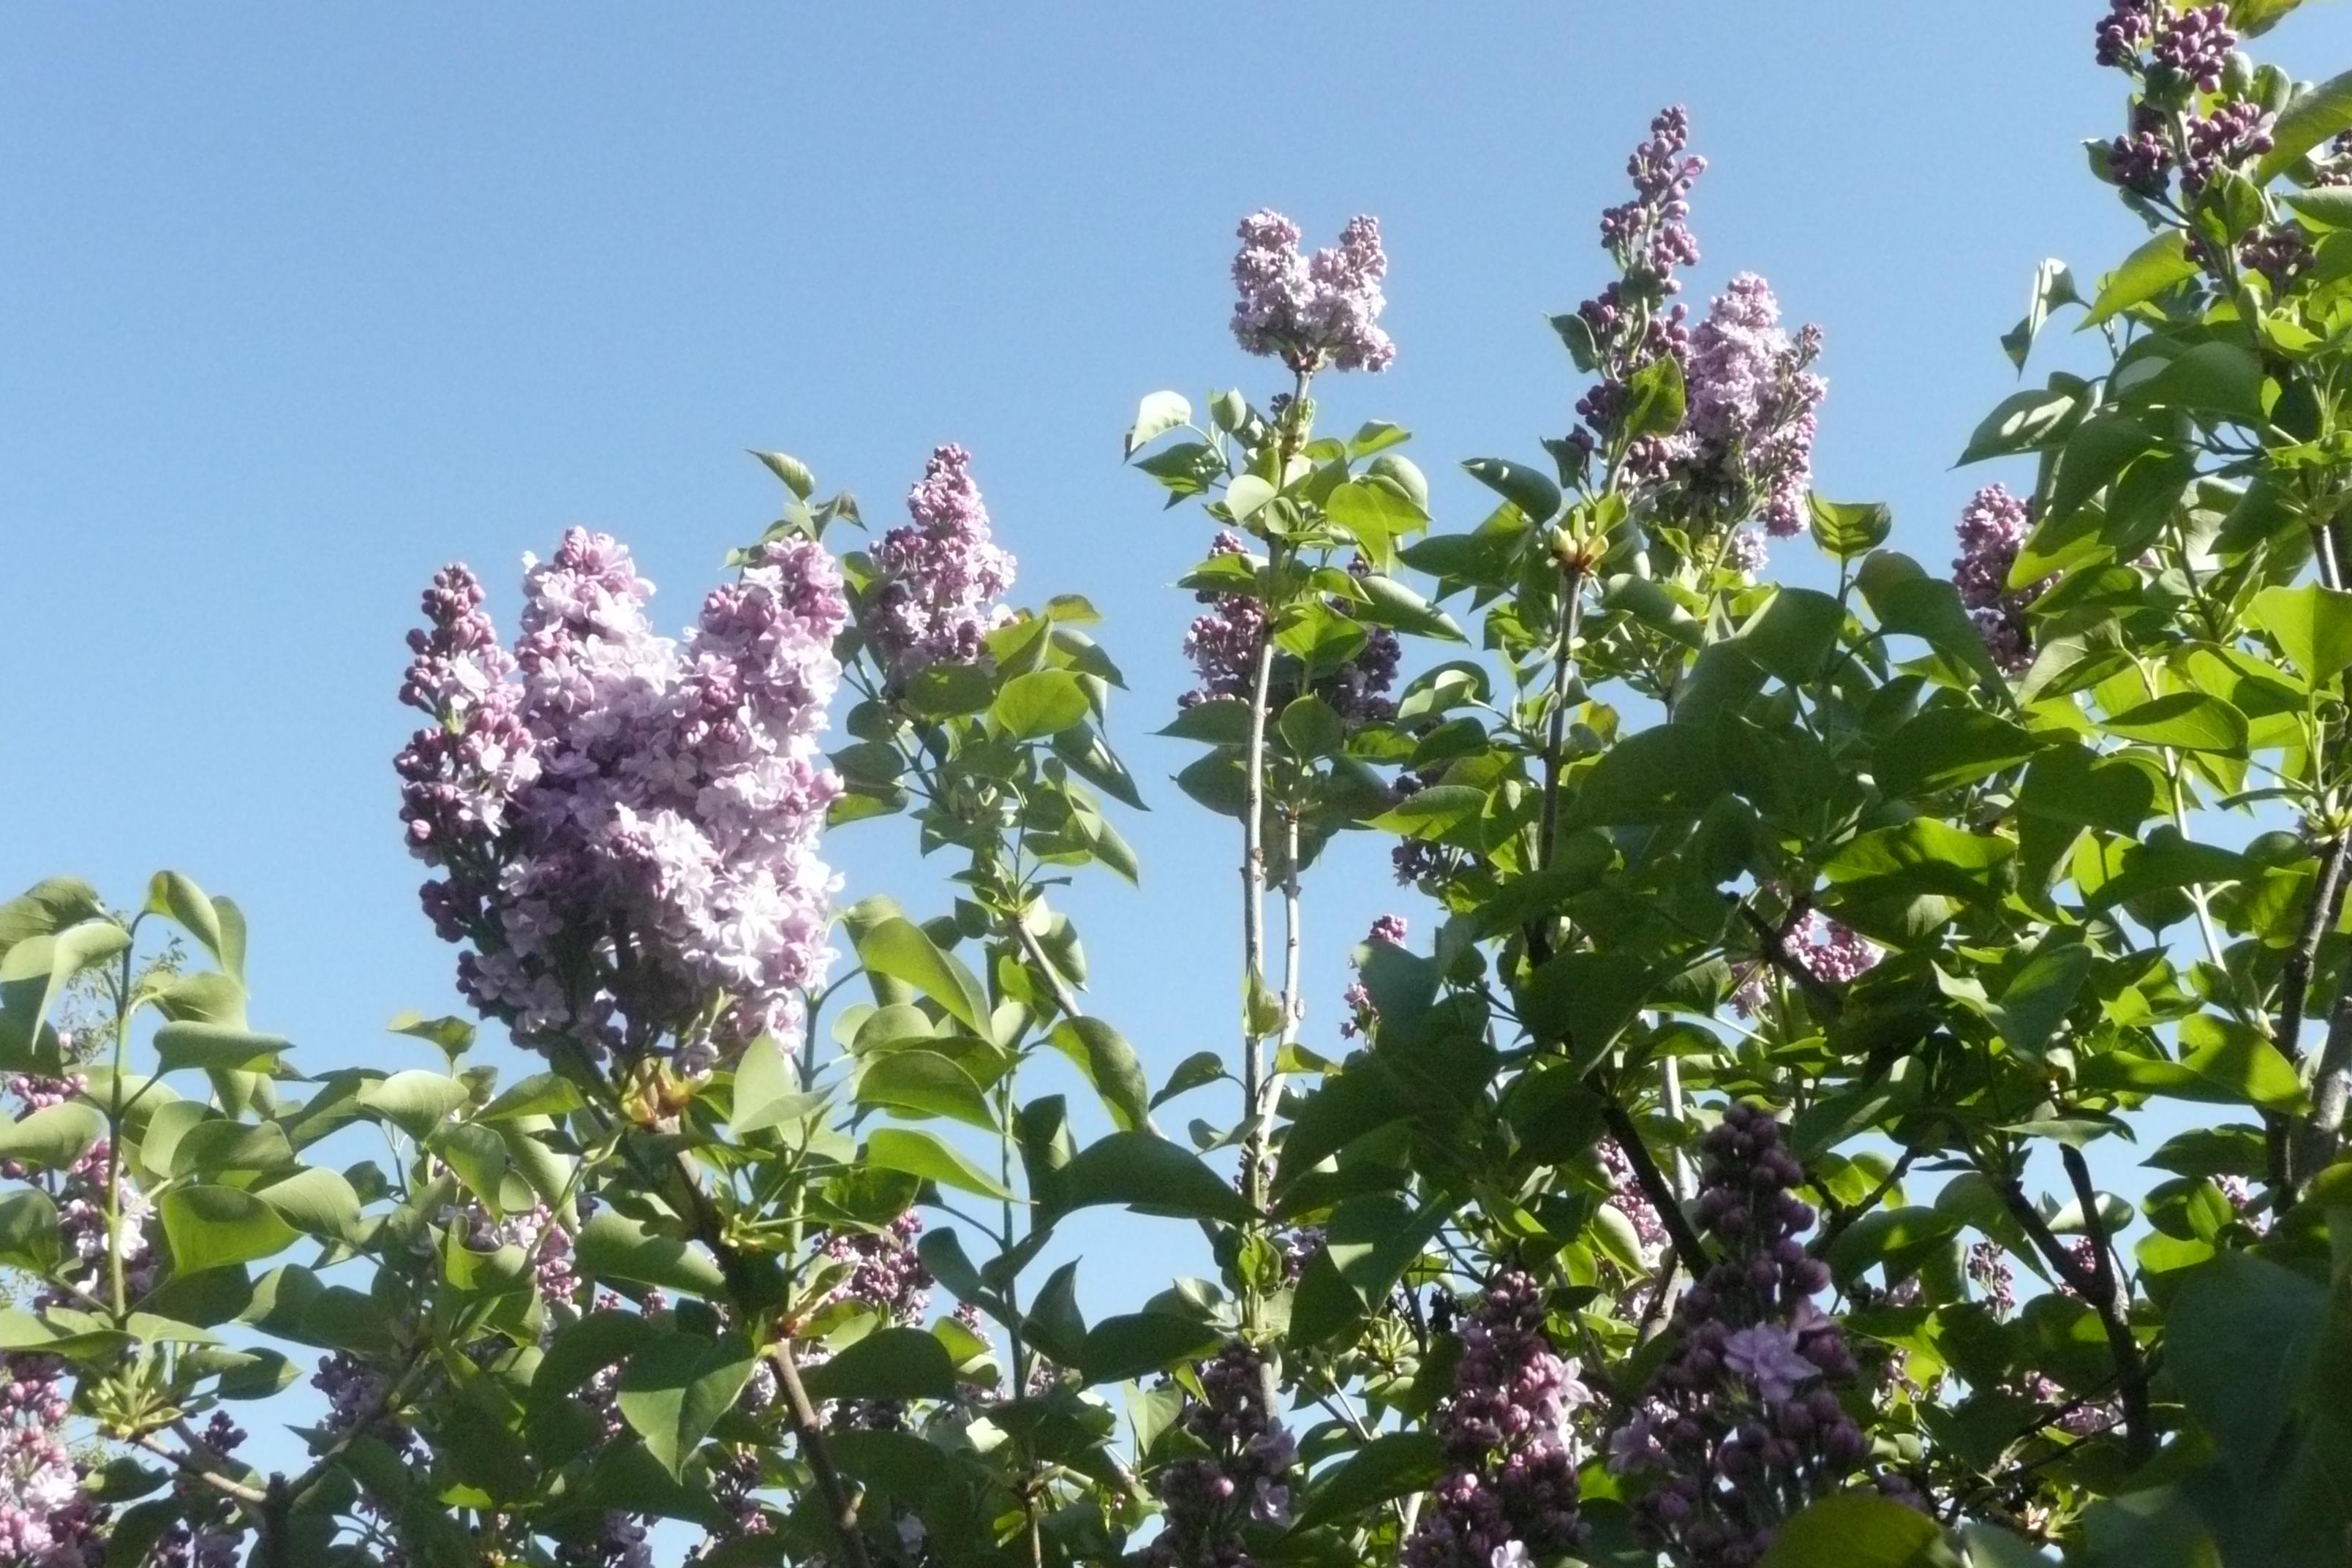 Le lilas blog histoire d 39 une foi - Au jardin de mon pere les lilas sont fleuris ...